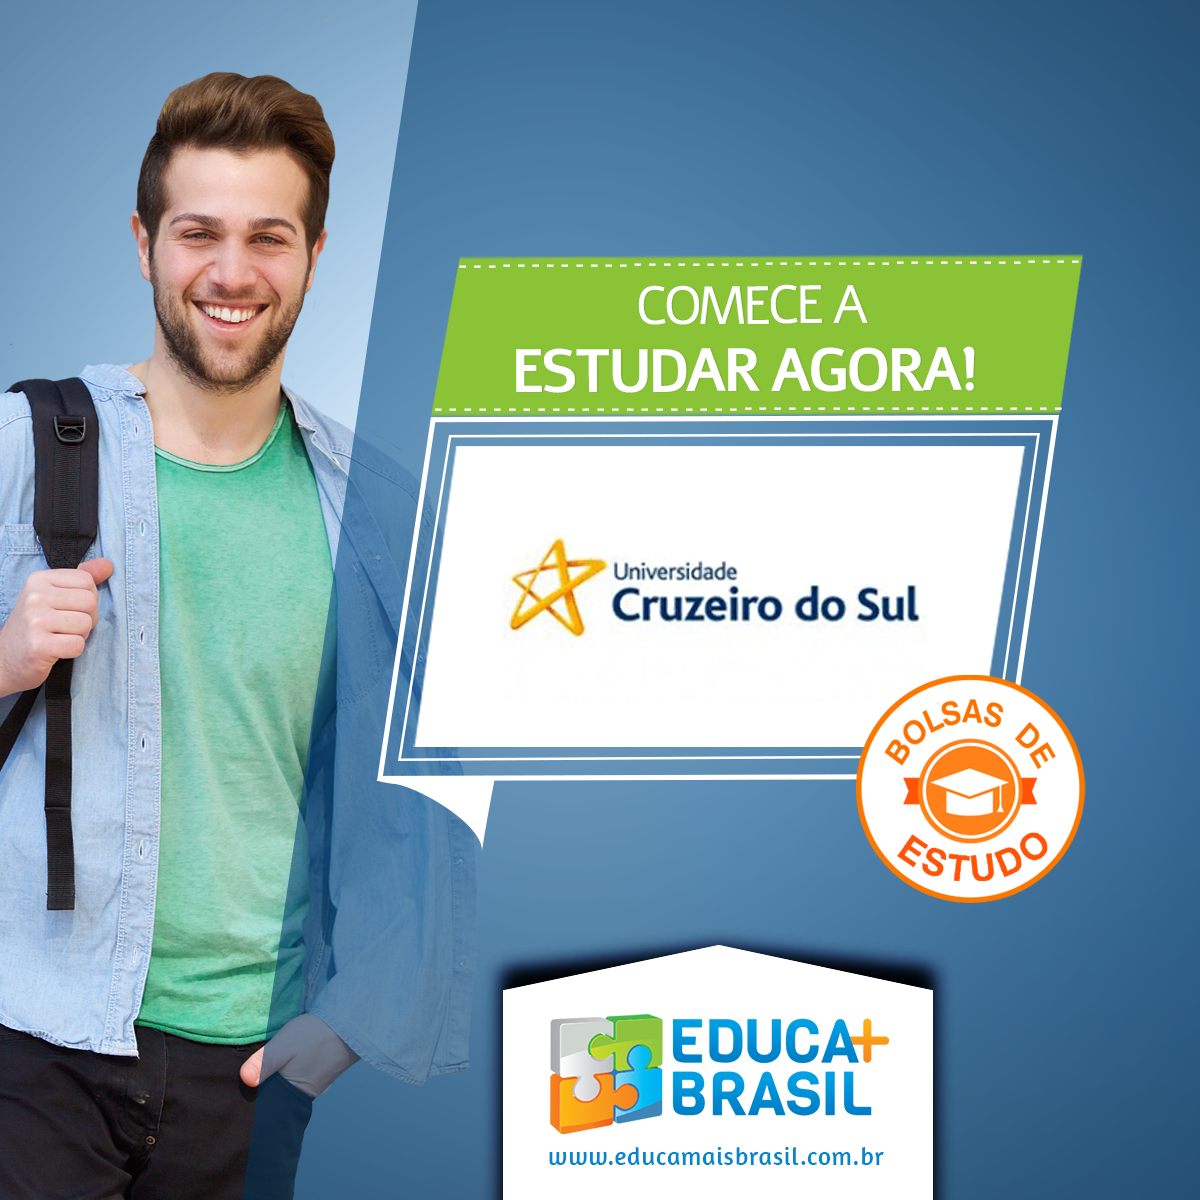 Bolsas de Estudo - Cruzeiro do Sul